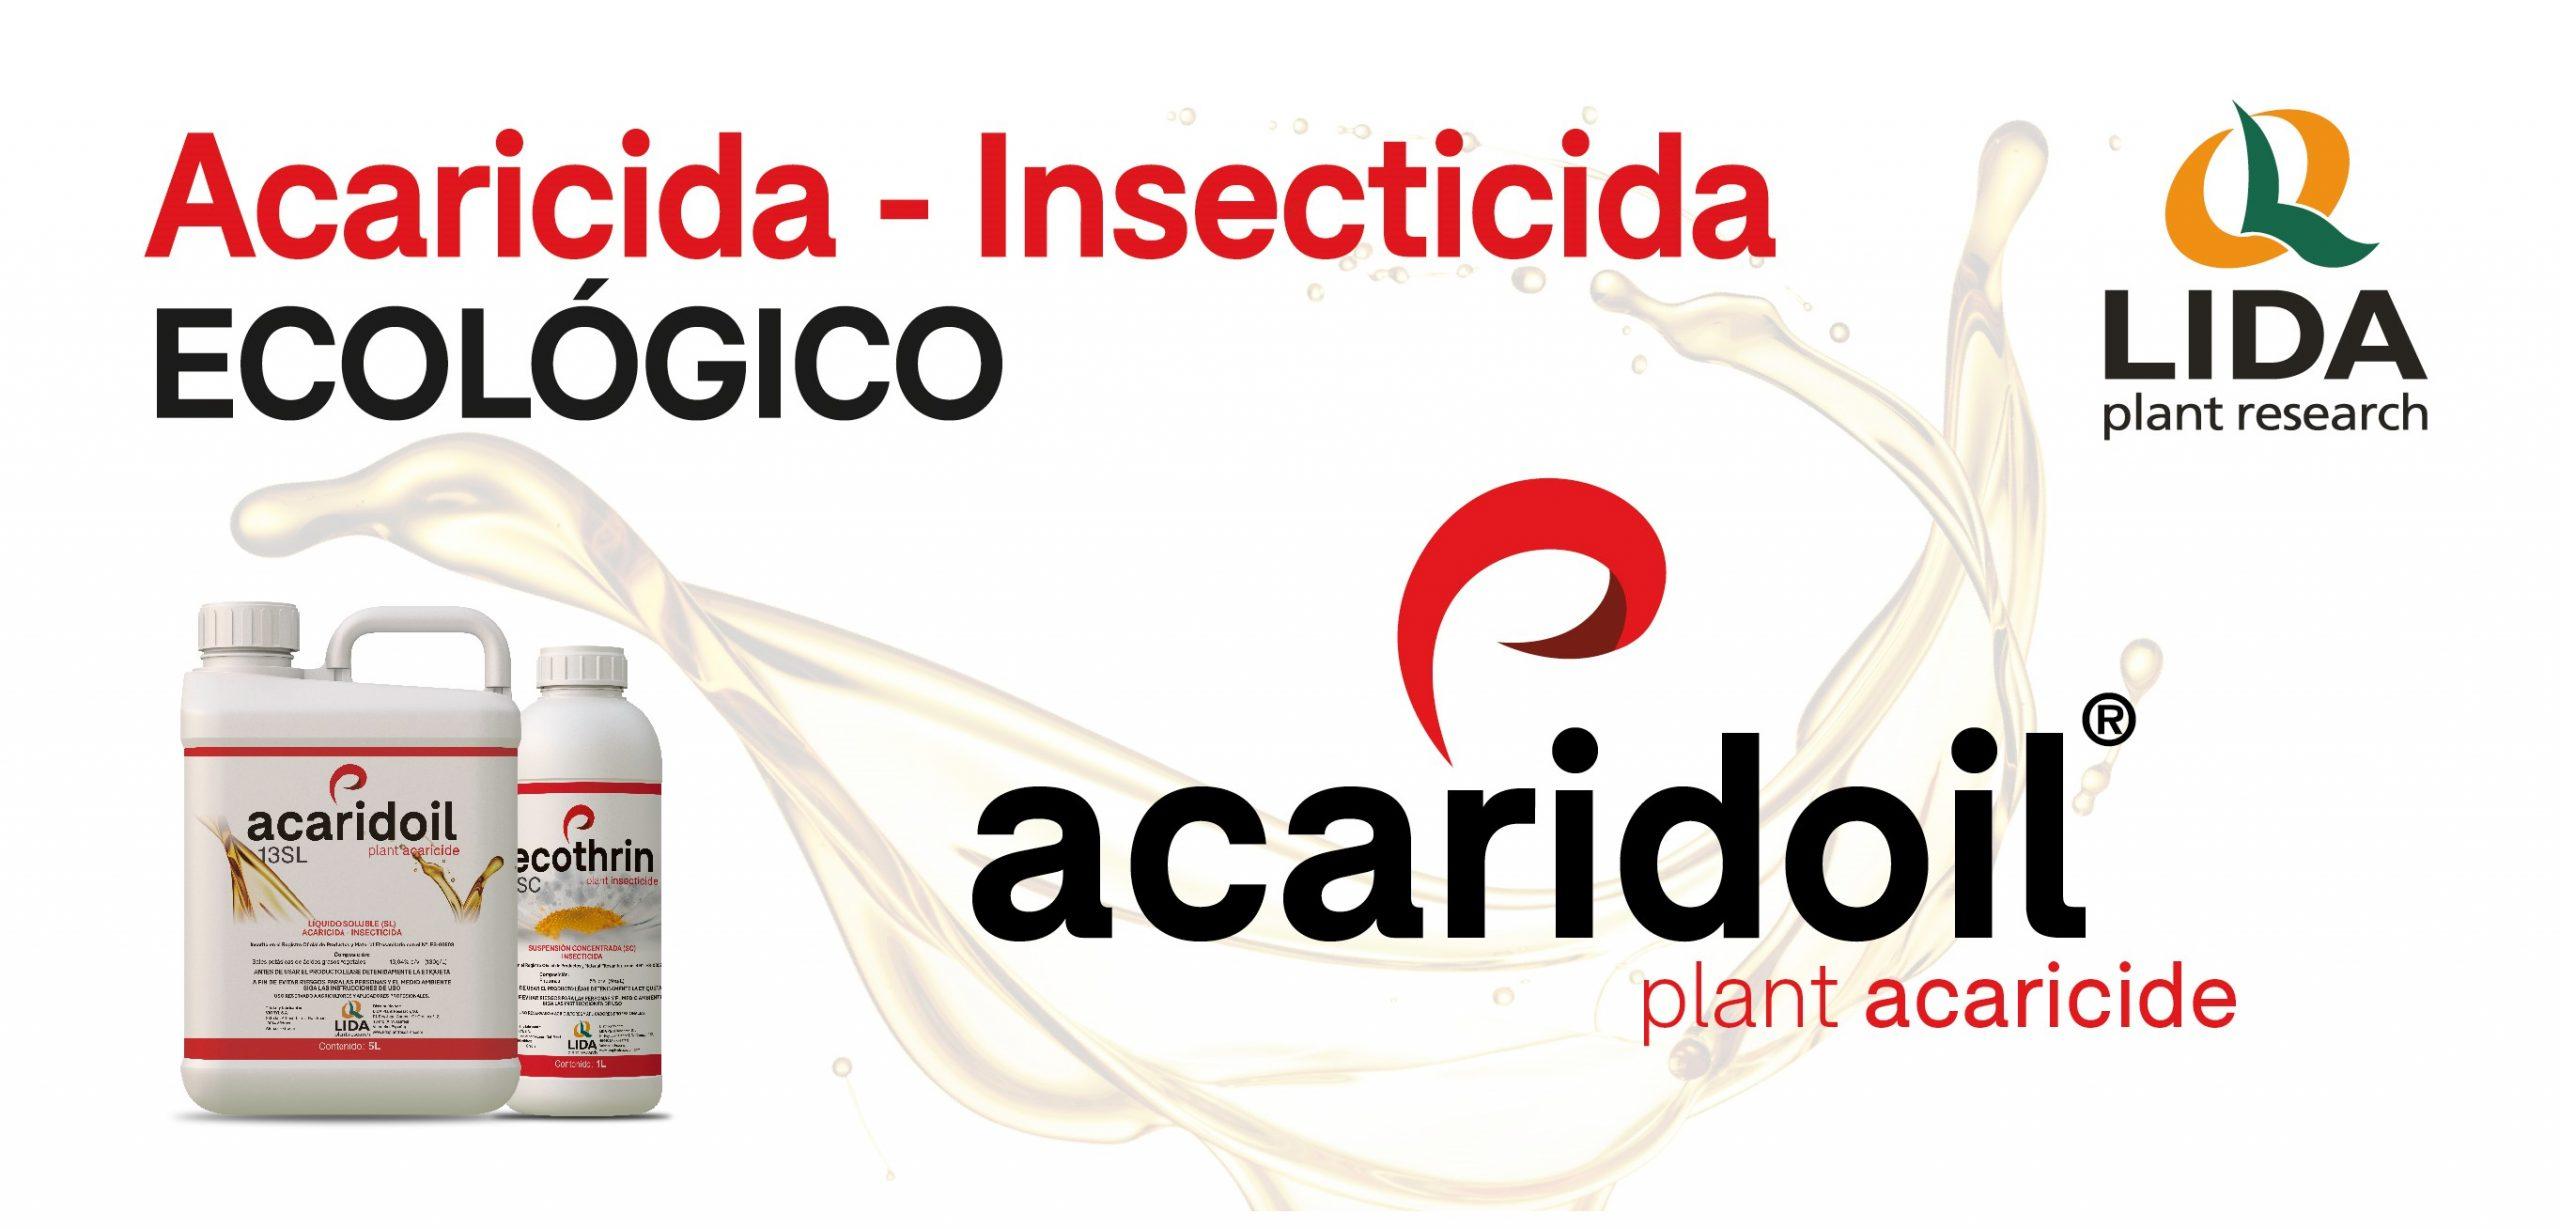 ACARIDOIL®, acaricida-insecticida ecológico para el control de Tuta Absoluta, Araña, Mosca blanca y otras plagas